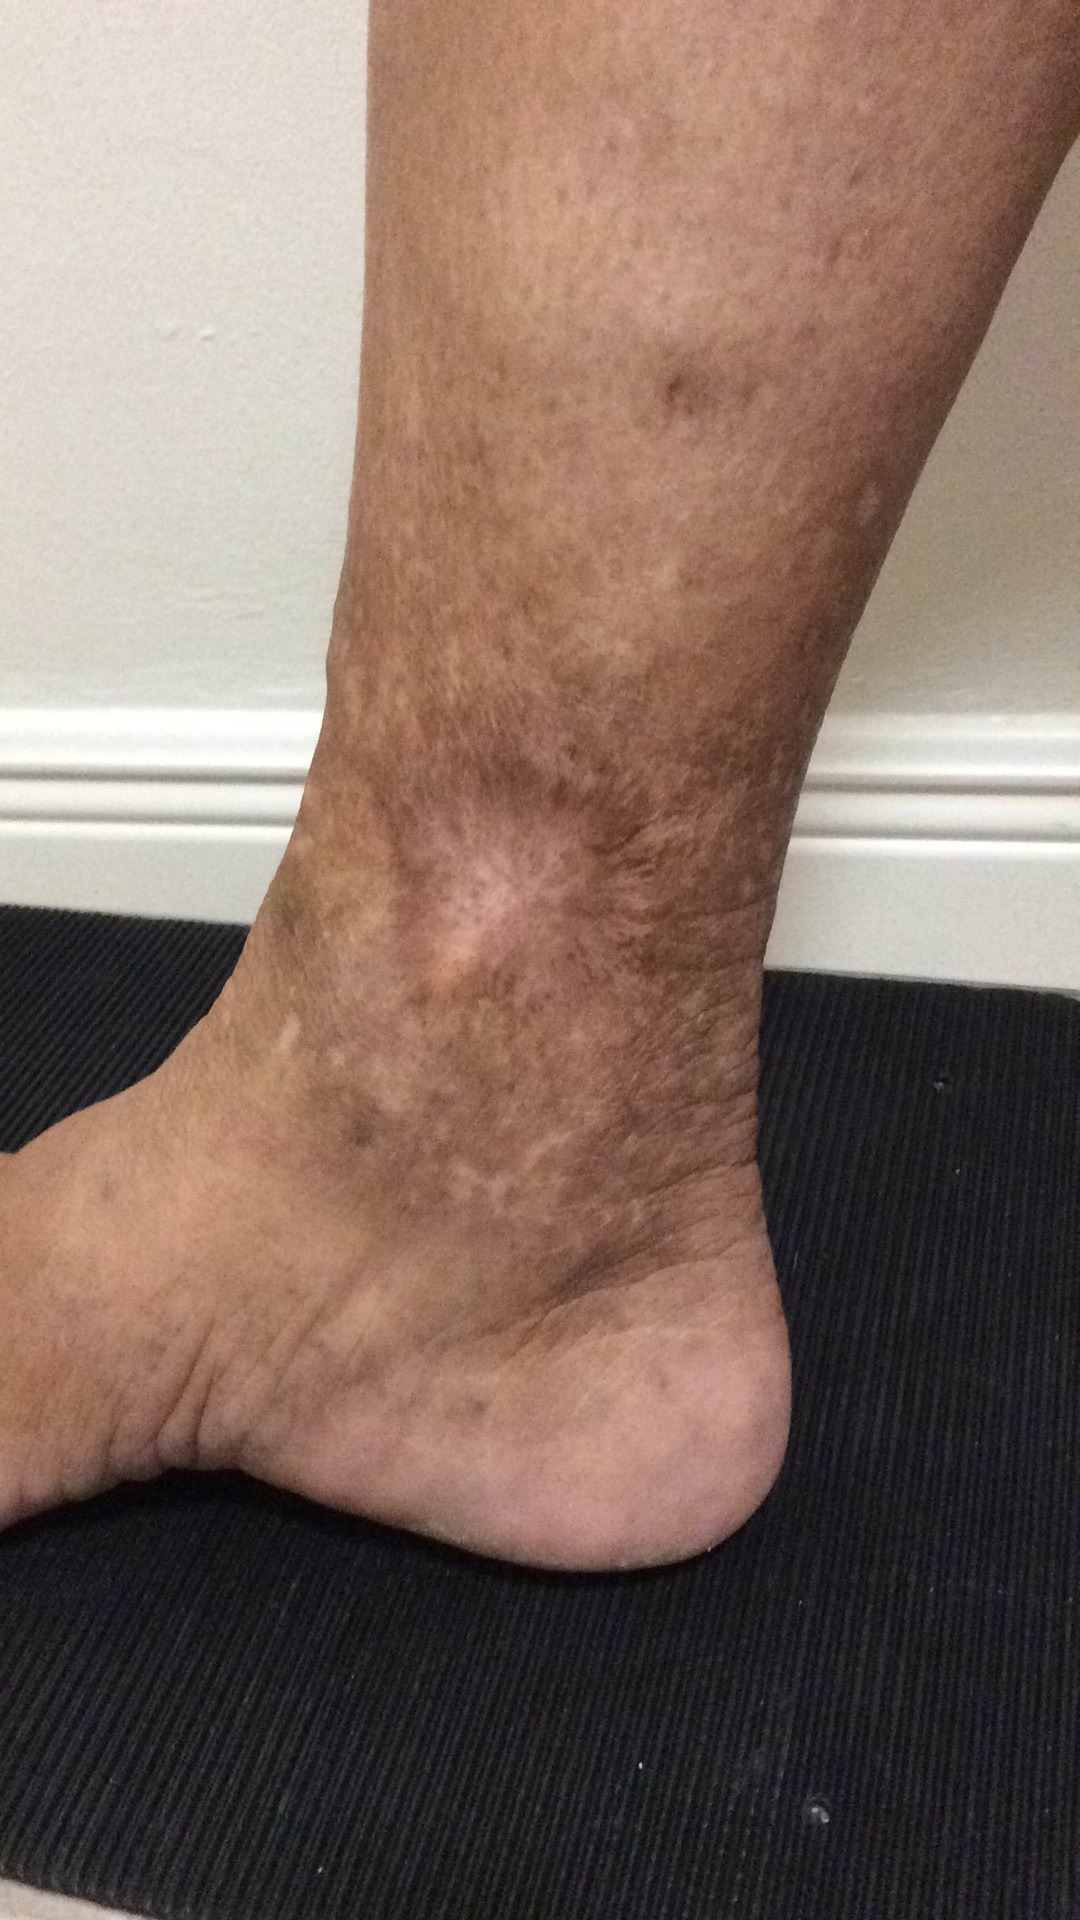 symptoms of Lipodermatosclerosis Miami